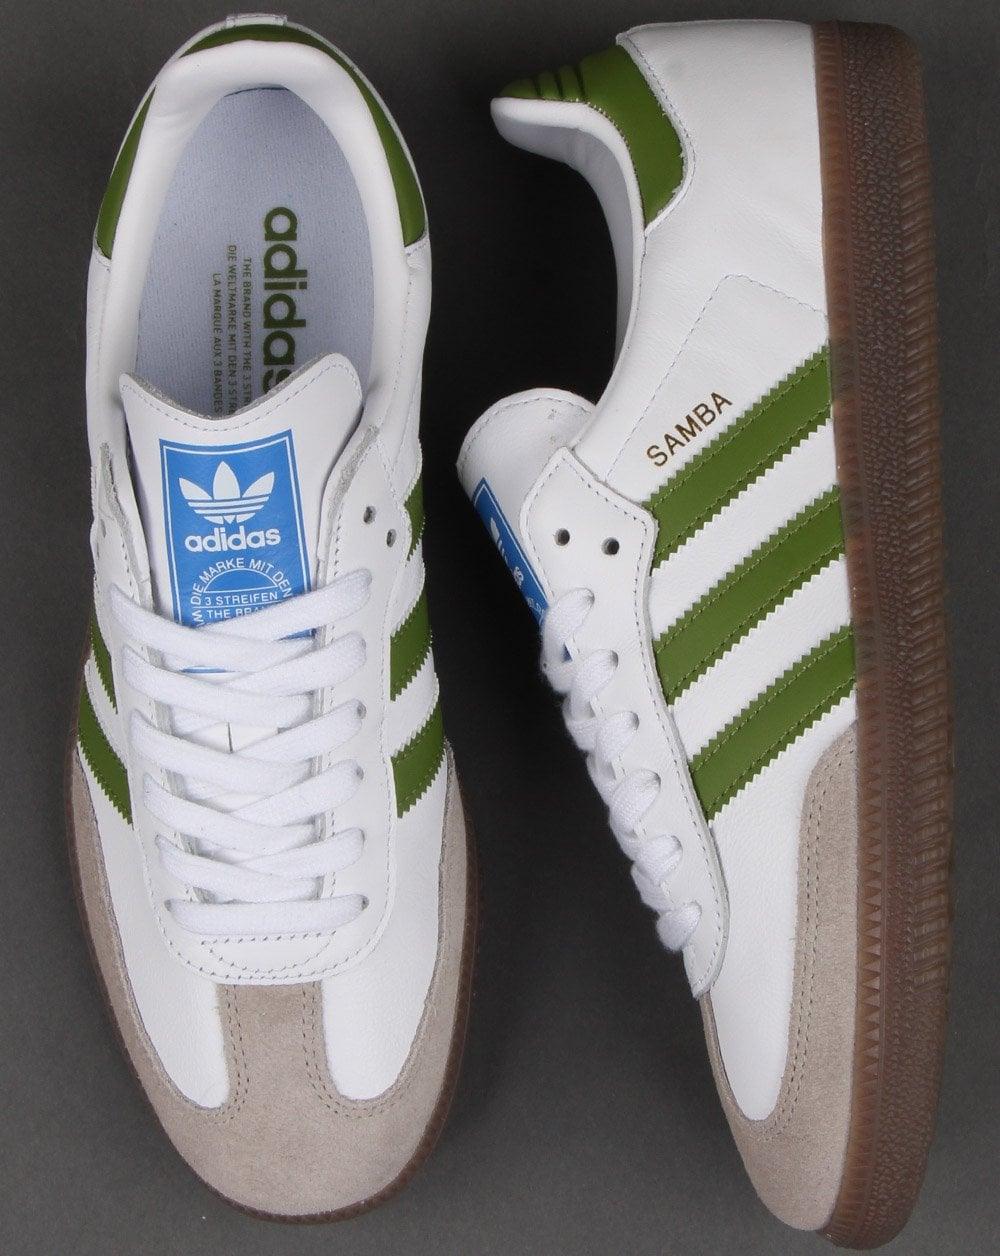 Adidas Samba Og Trainers WhiteGreen